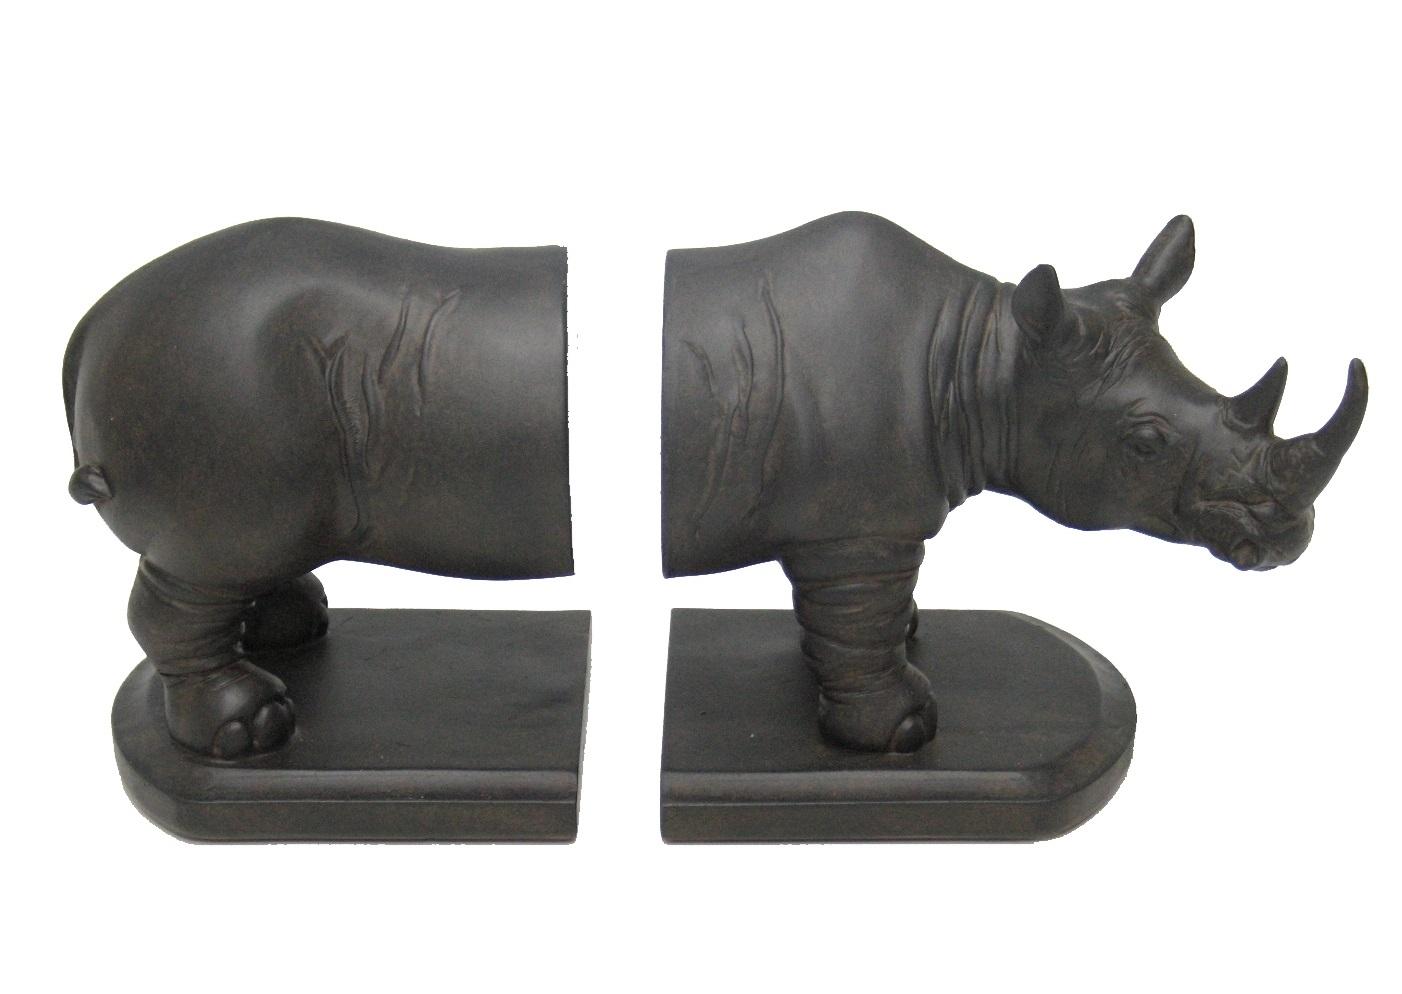 Подставка RhinocerosДержатели для книг<br><br><br>Material: Полирезин<br>Ширина см: 30<br>Высота см: 12<br>Глубина см: 12